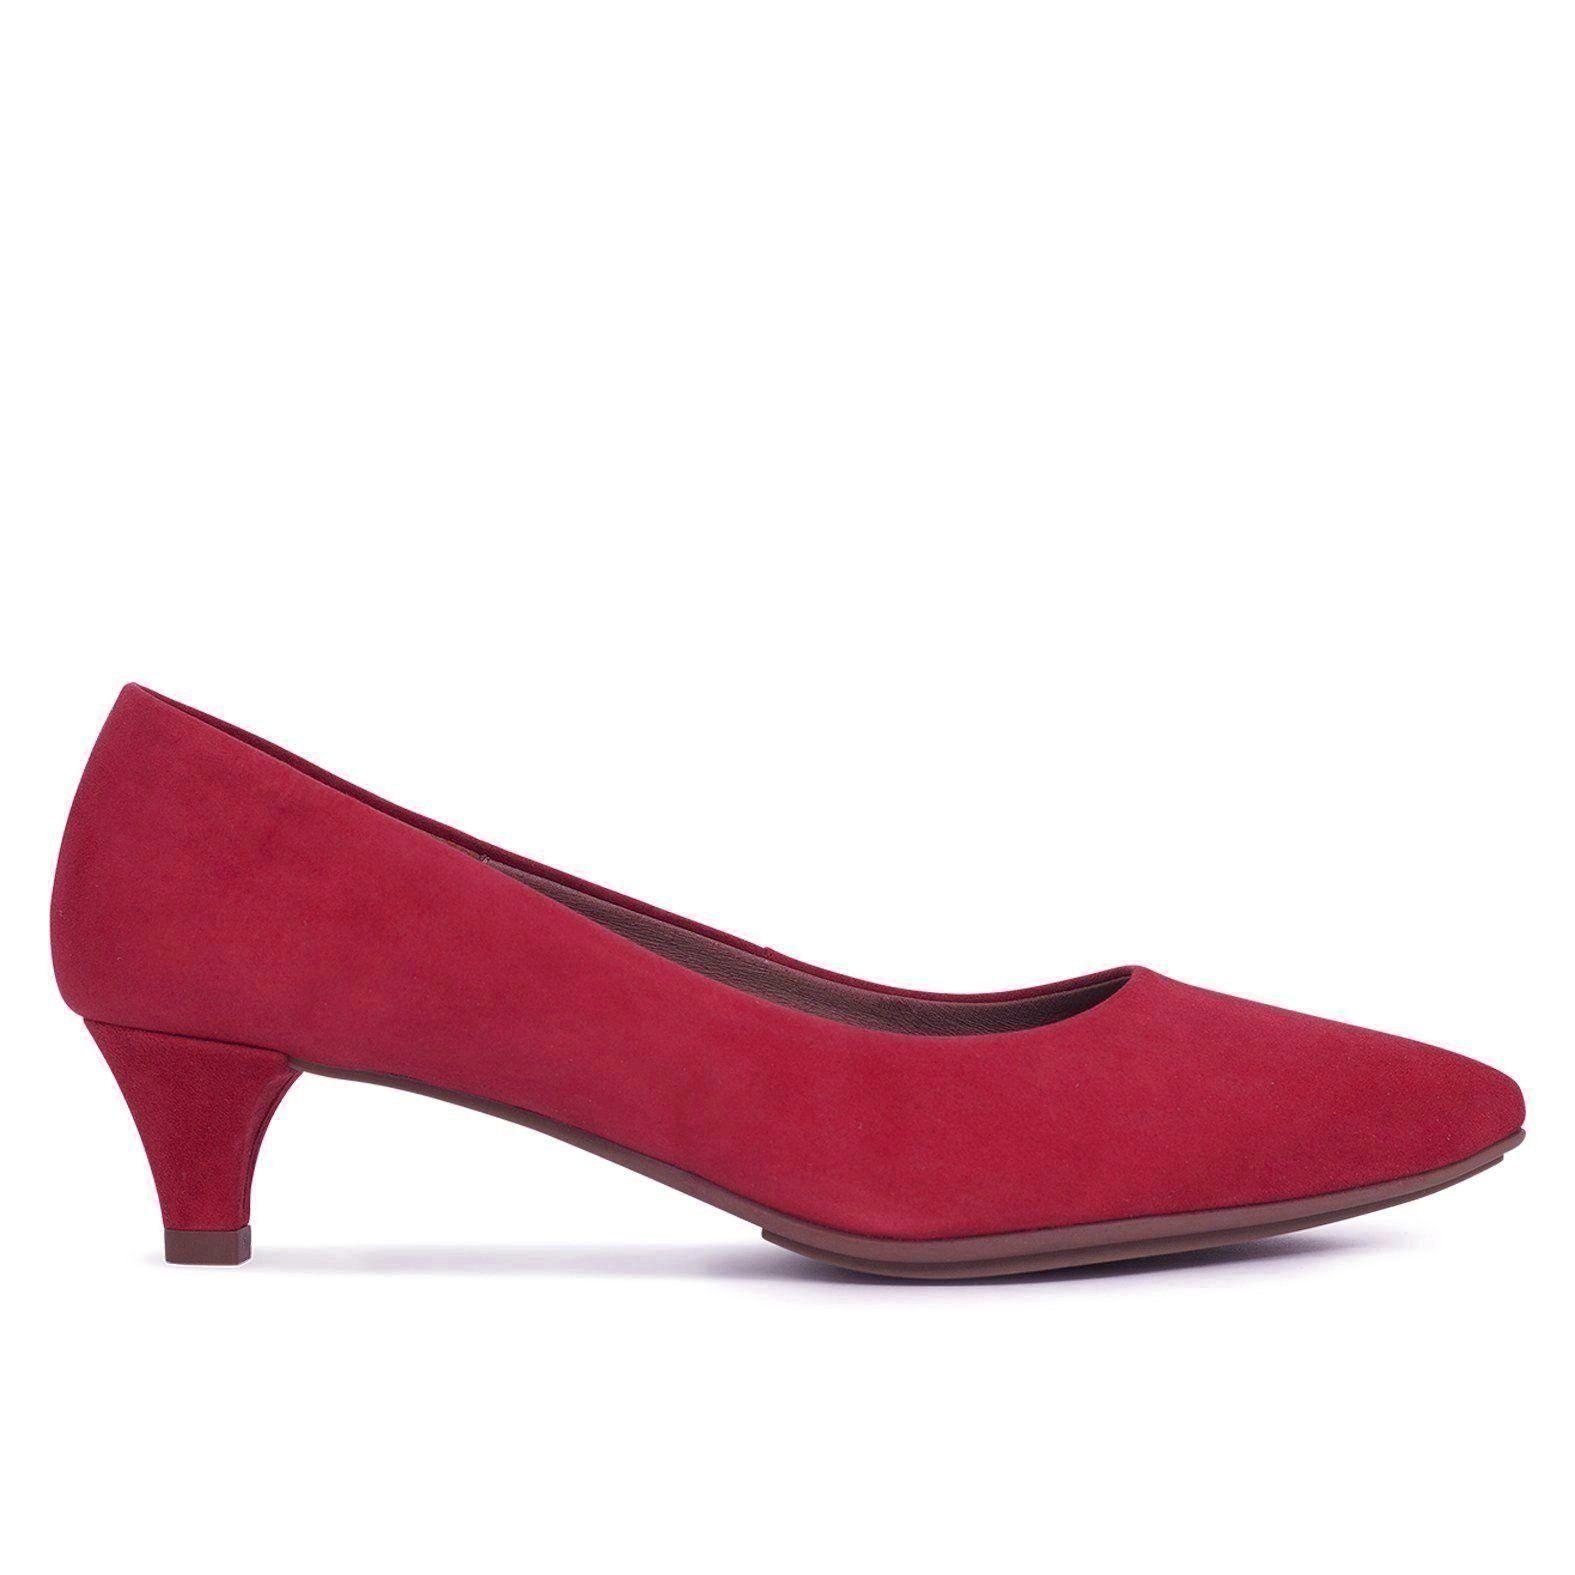 URBAN KITTEN Zapatos de mujer stilettos ROJOS   Zapatos